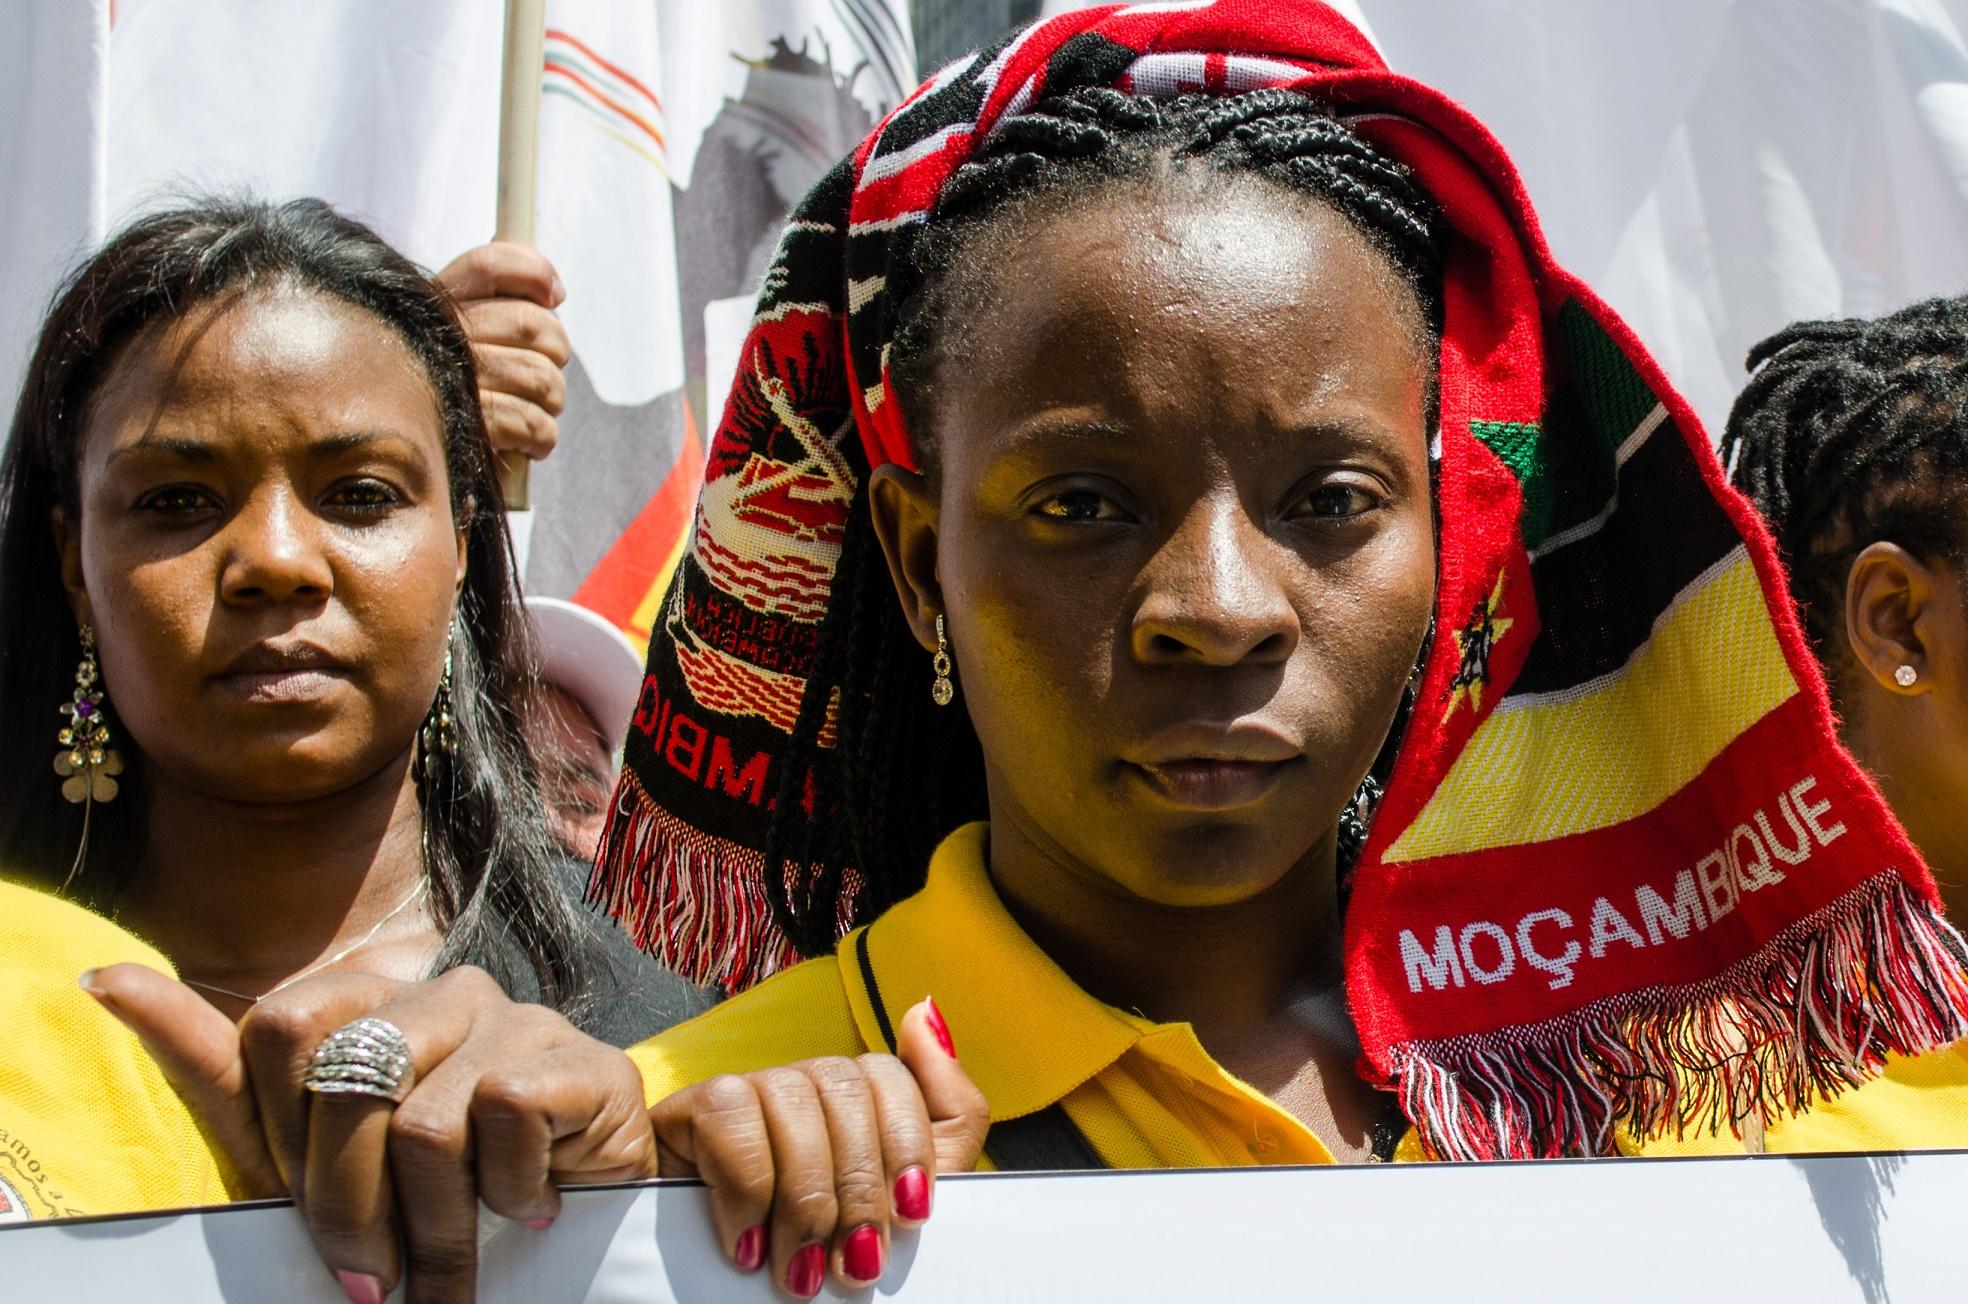 Se saldo positivo há, ele é traduzido na disposição para a luta das jovens feministas negras, incansáveis e barulhentas. Foto de Alexandre Moreira/Brazil Photo Press